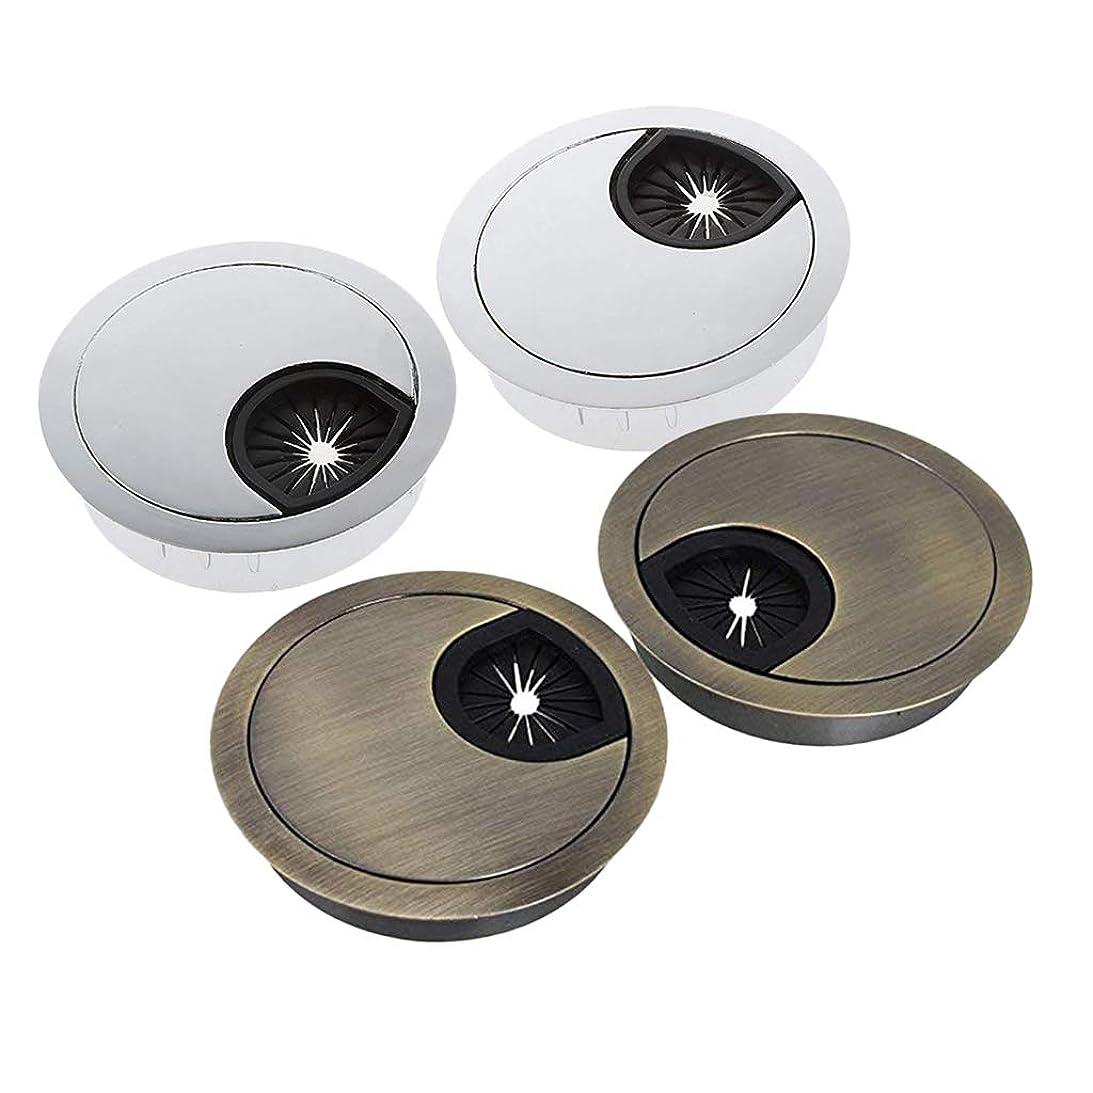 なのでノイズローマ人gazechimp 配線孔キャップ コンピュータデスク テーブルグロメット ケーブル穴カバー 50mm 丸型 4個セット